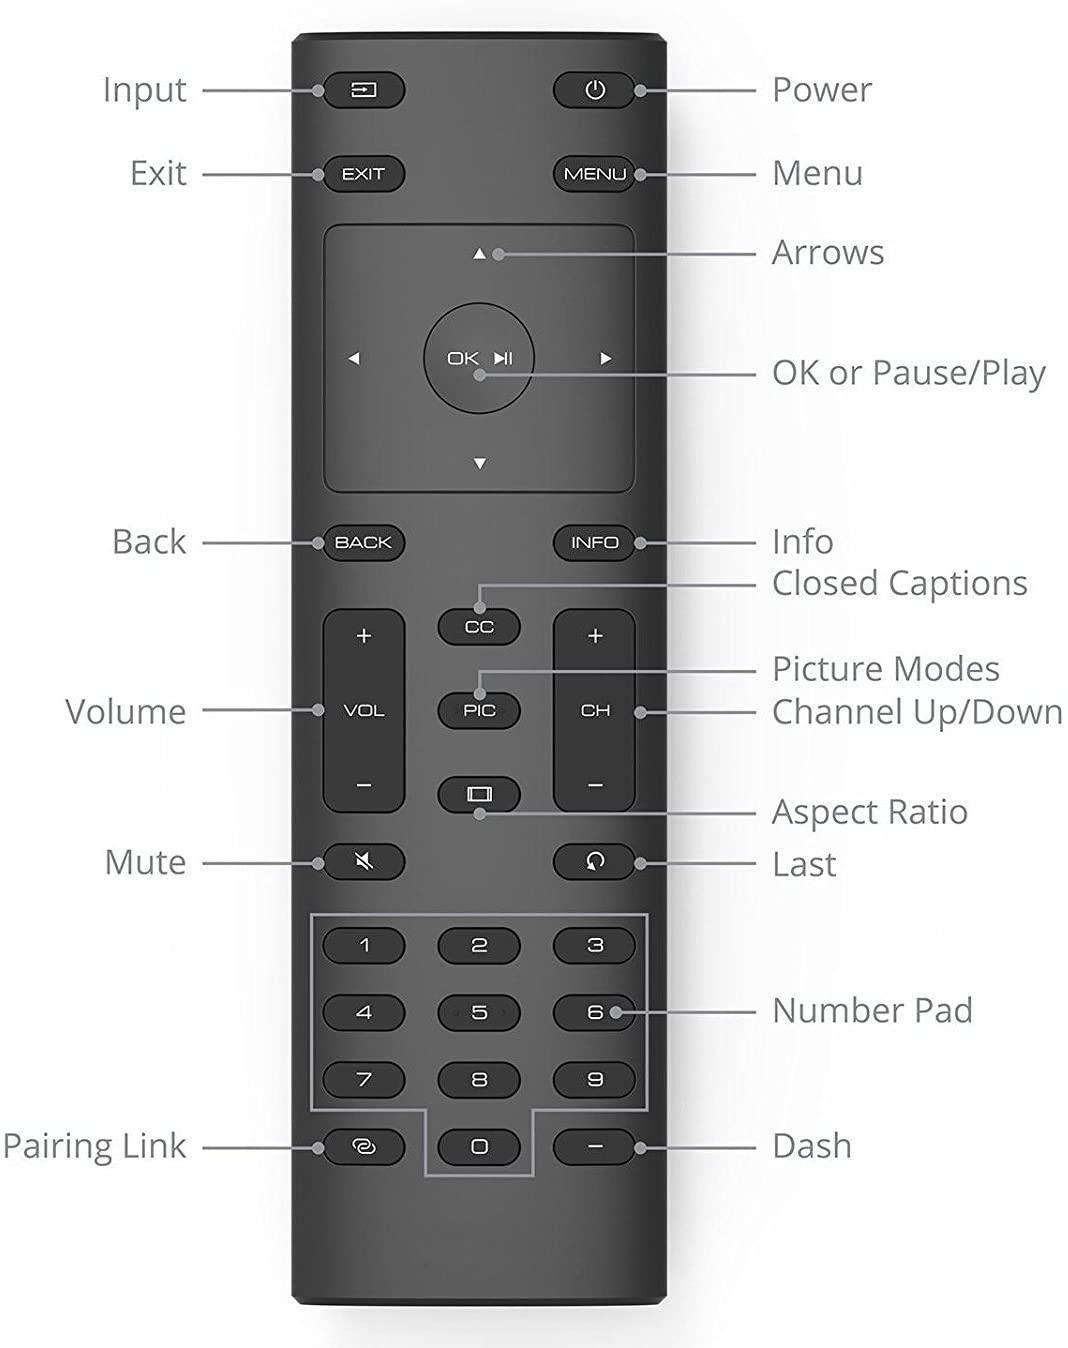 Smartby Vizio XRT135 Remote Control for Vizio HDTV P55-E1 P60-E1 P65-E1 M70-E3 P75-E1 M55E1 M55E0 M65E0